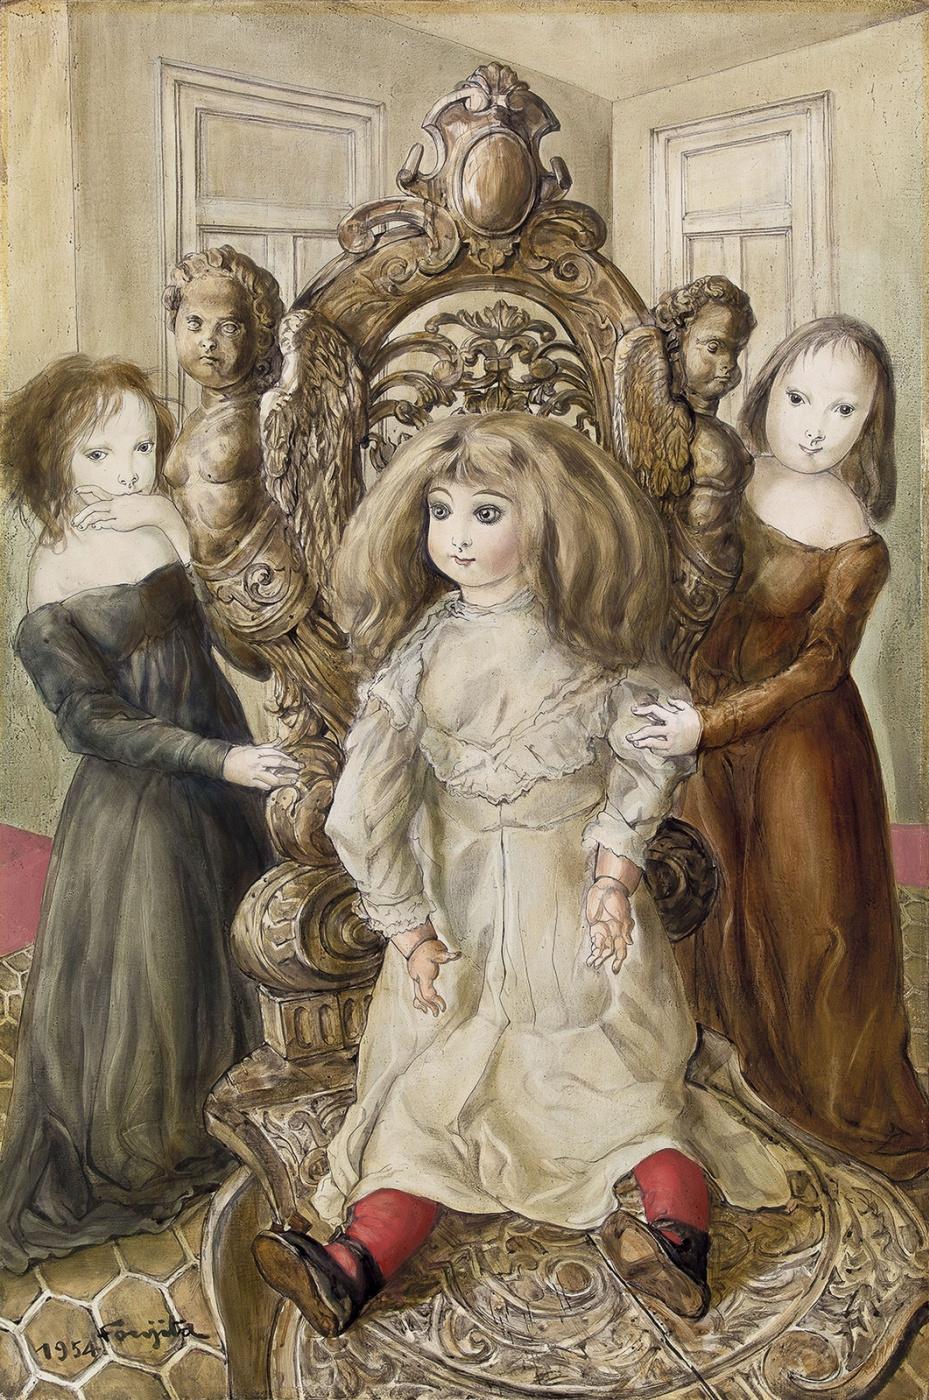 Цугухару Фудзита (Леонар Фужита). Кукла и девочки